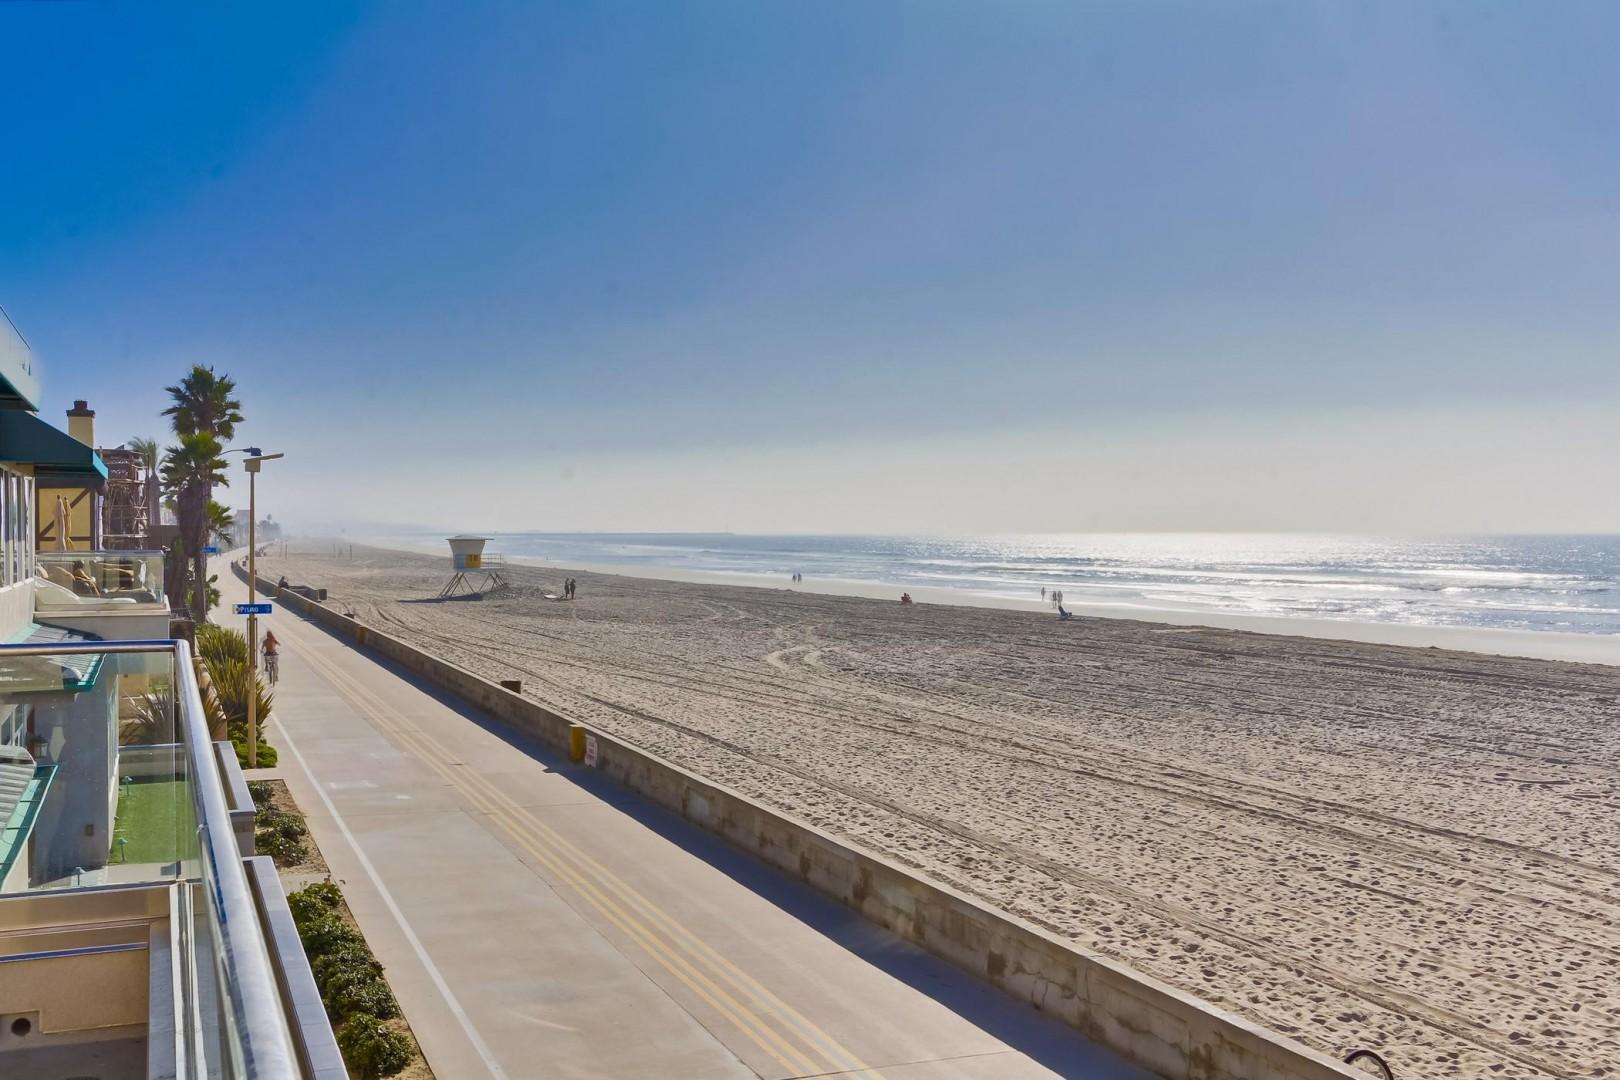 3753-ocean-front-walk-2-015_2100x1400